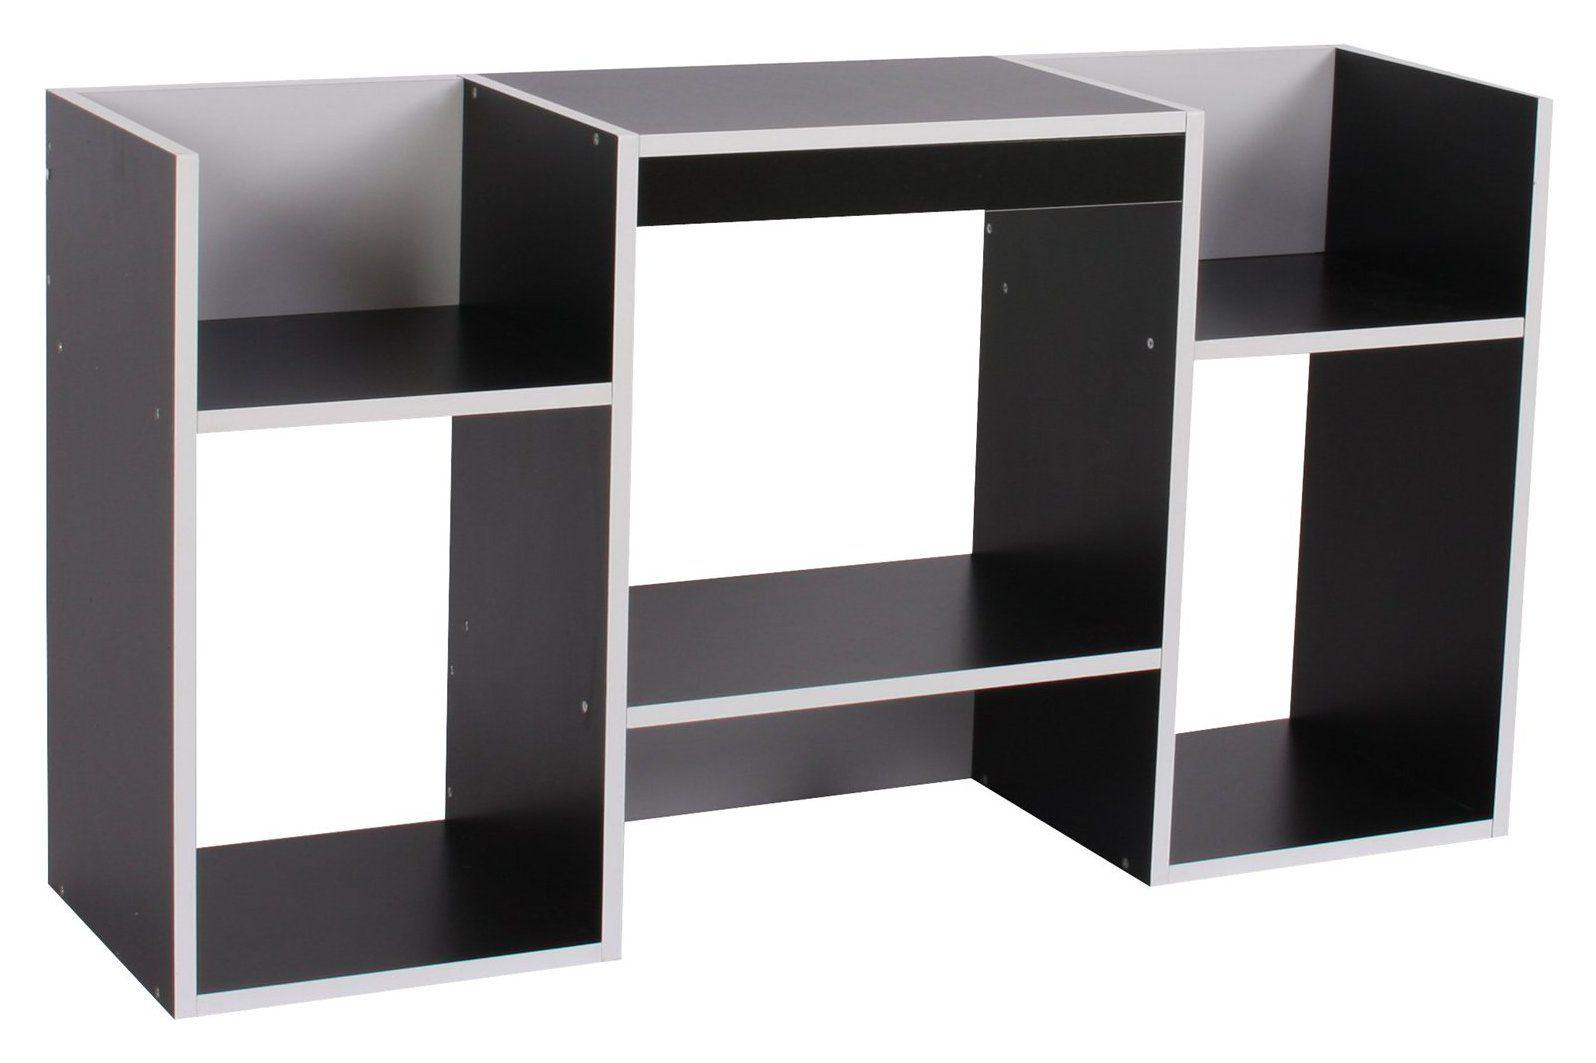 Muebles De Tv De Diseo Stunning Mueble Tv De Madera Chapada En  # Mueble Soporte Tv Diseno